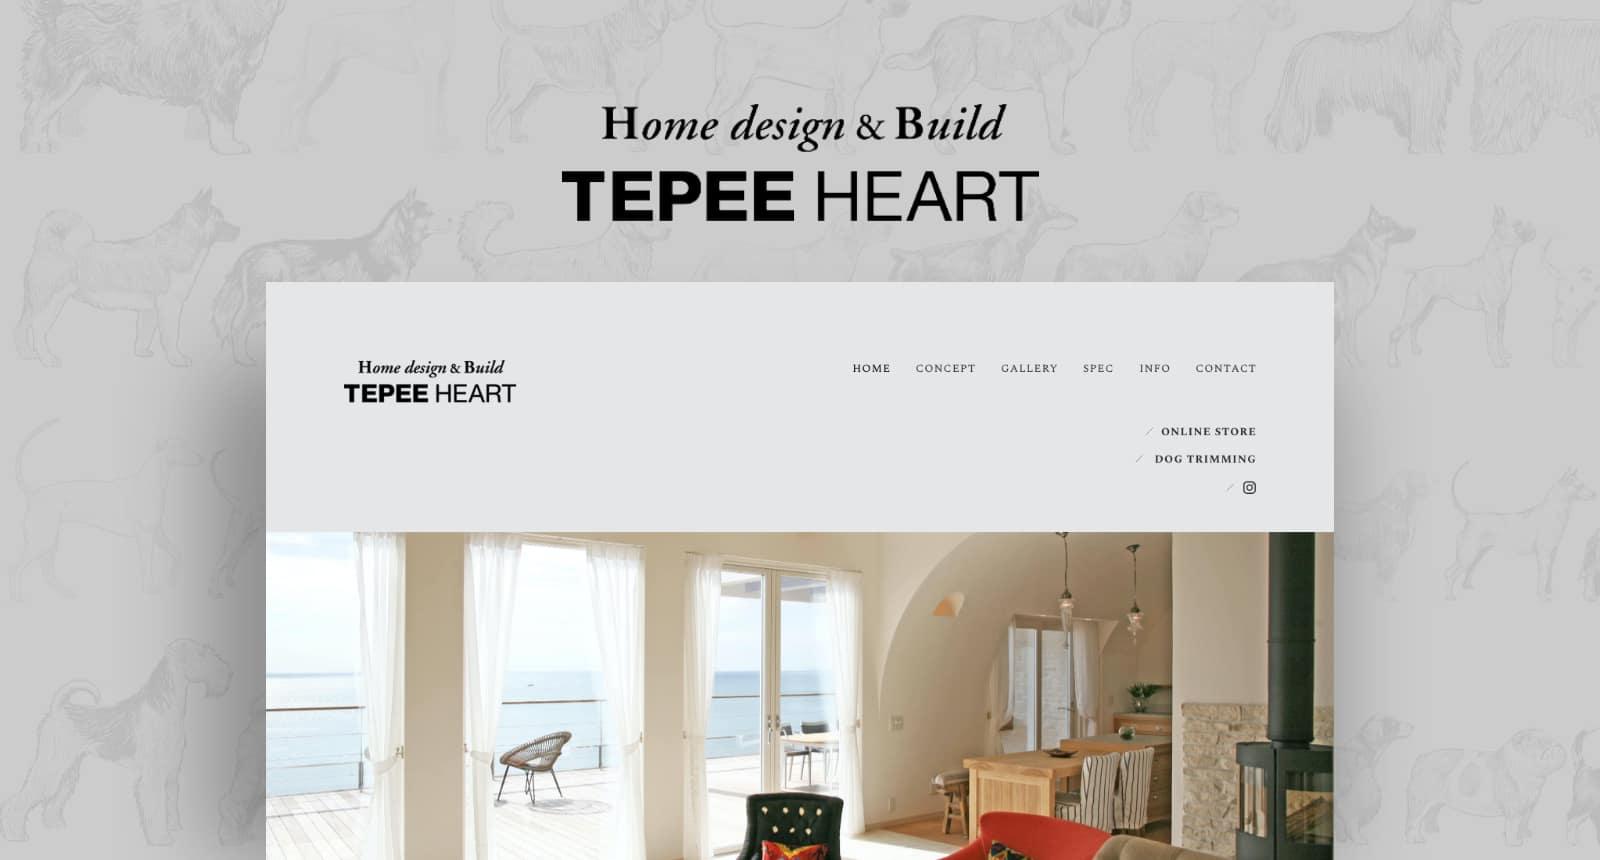 TEPEE HEART